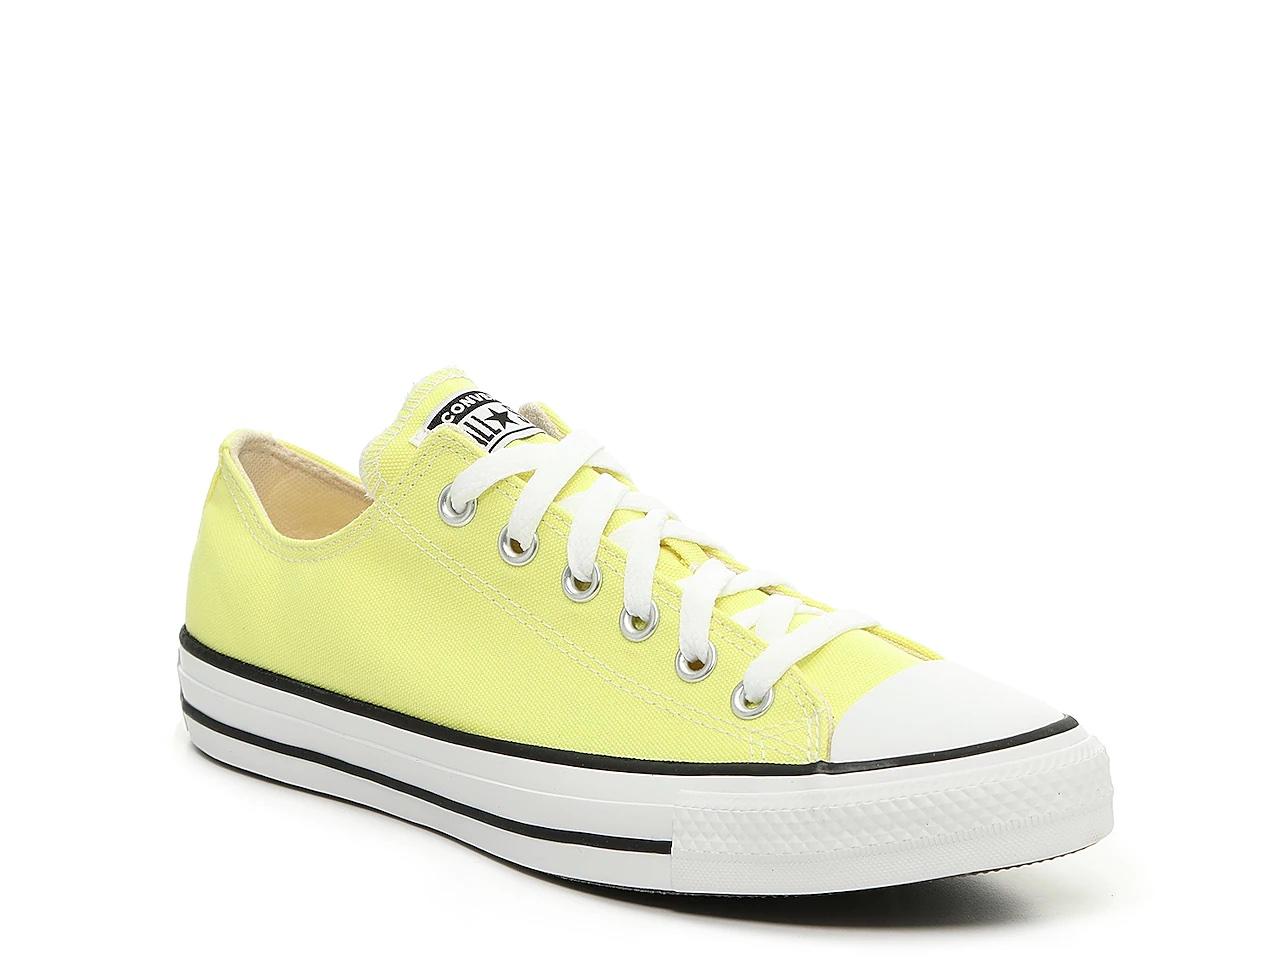 tenis zapato Converse chuck taylor amarillo